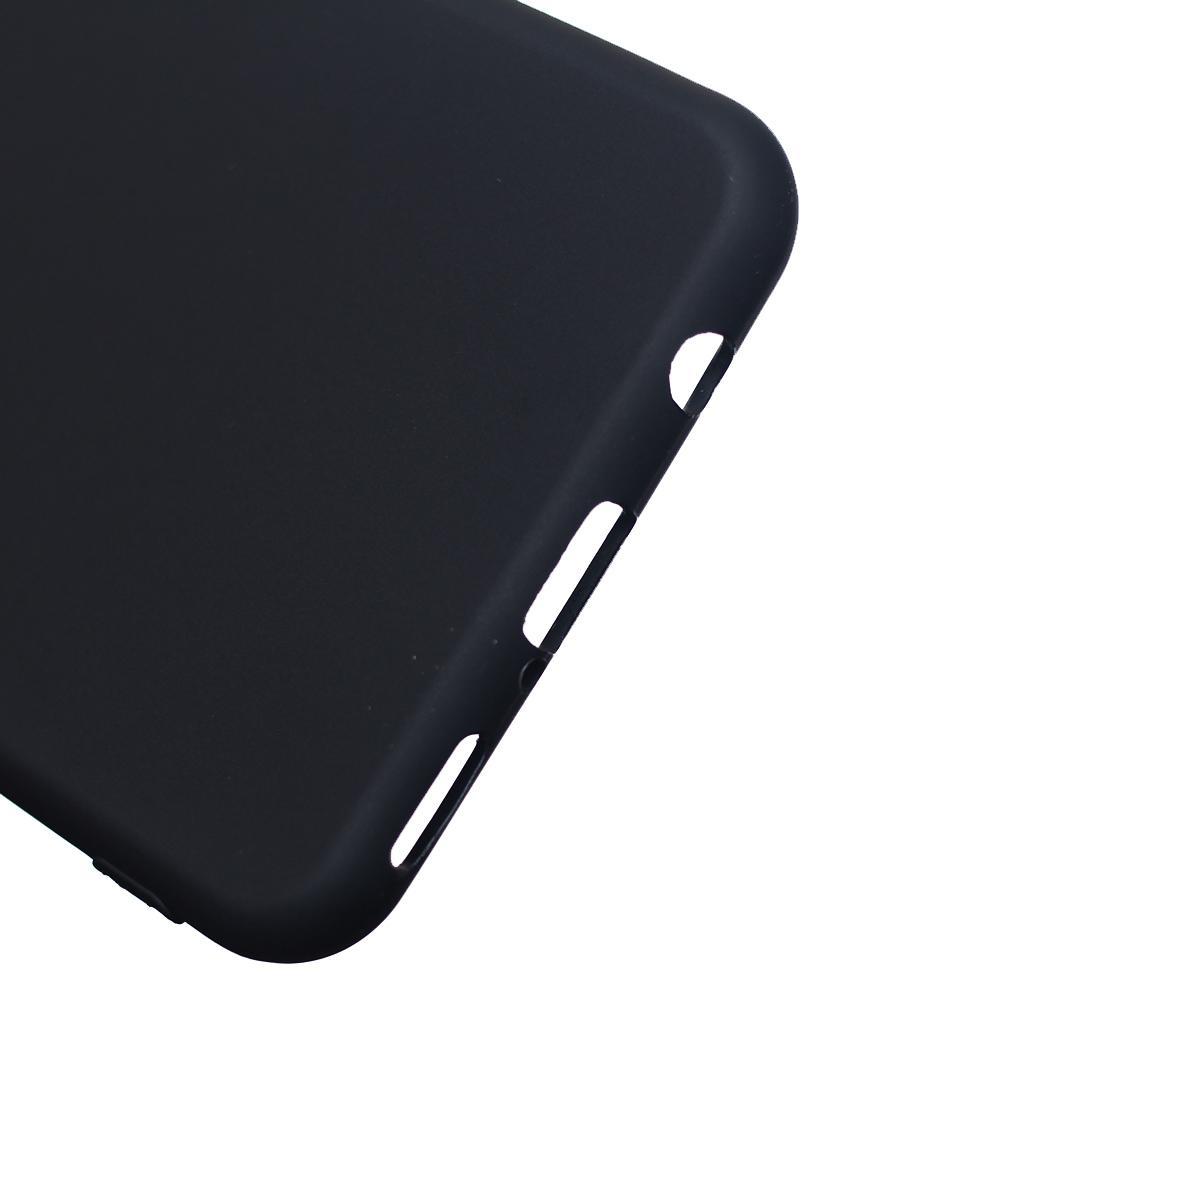 Ốp Lưng Dẻo Huawei Nova 3i